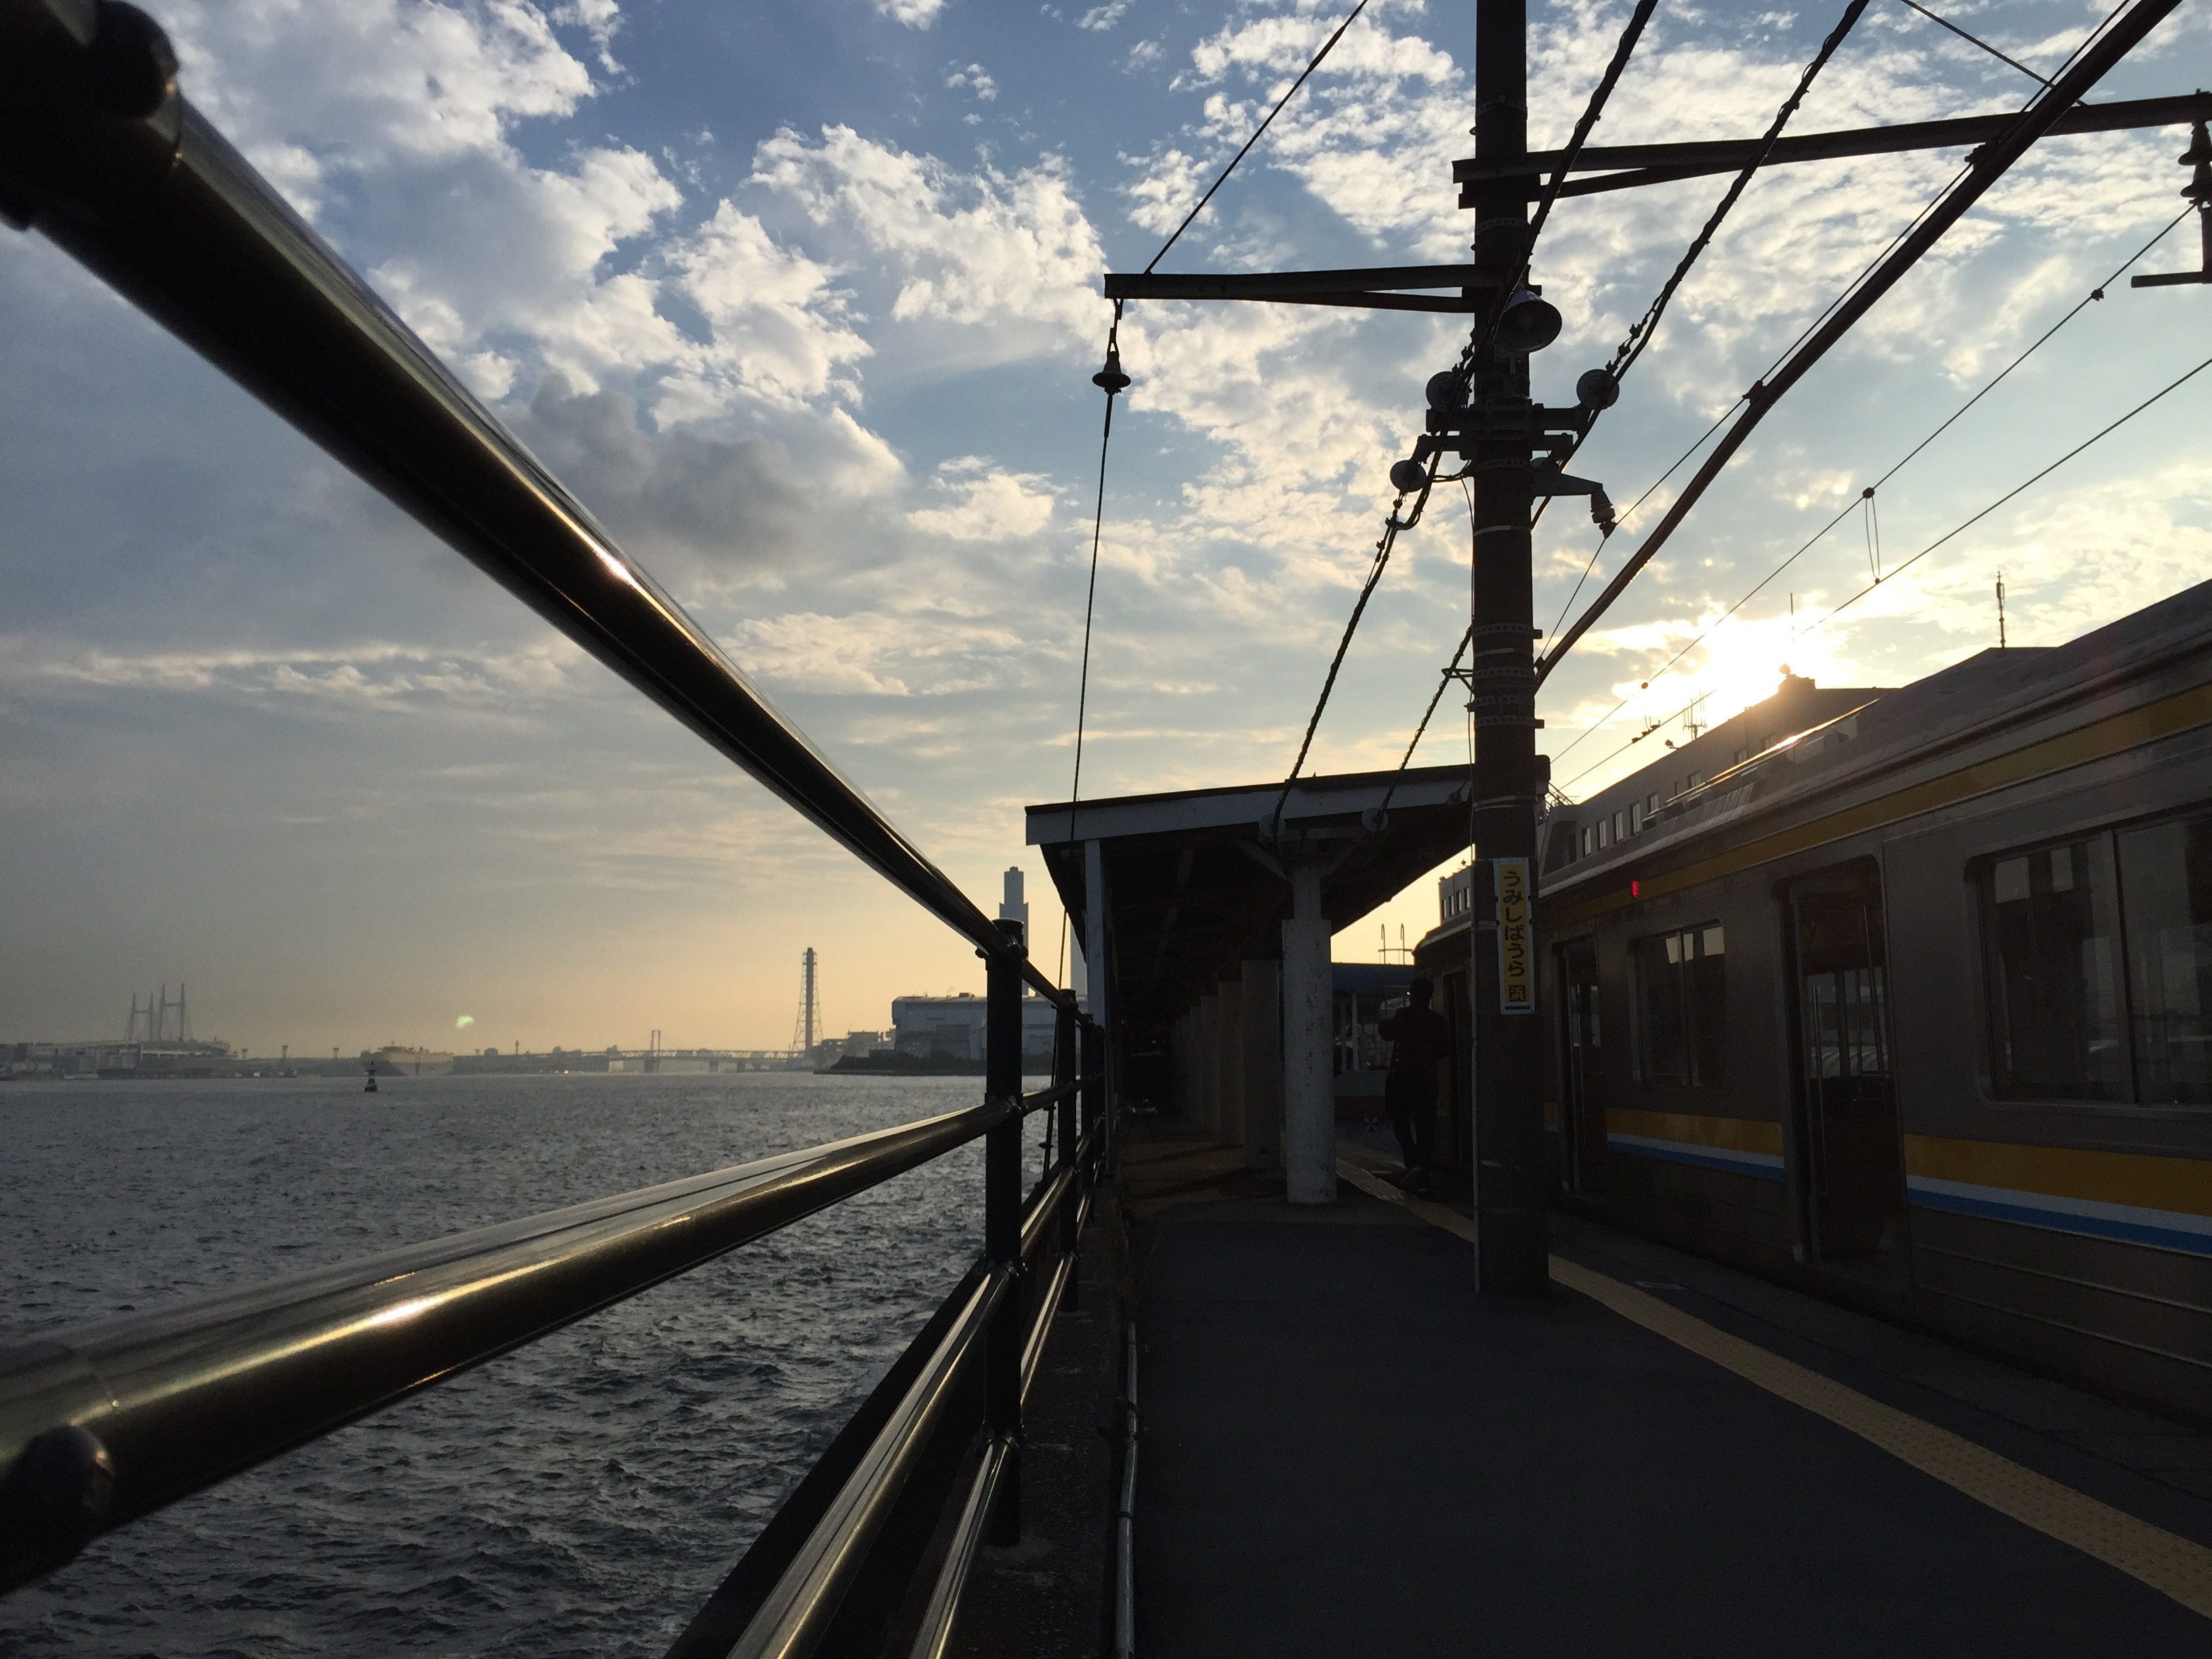 「海芝浦」から見える景色は、疲れた心を癒してくれる最高の穴場スポット